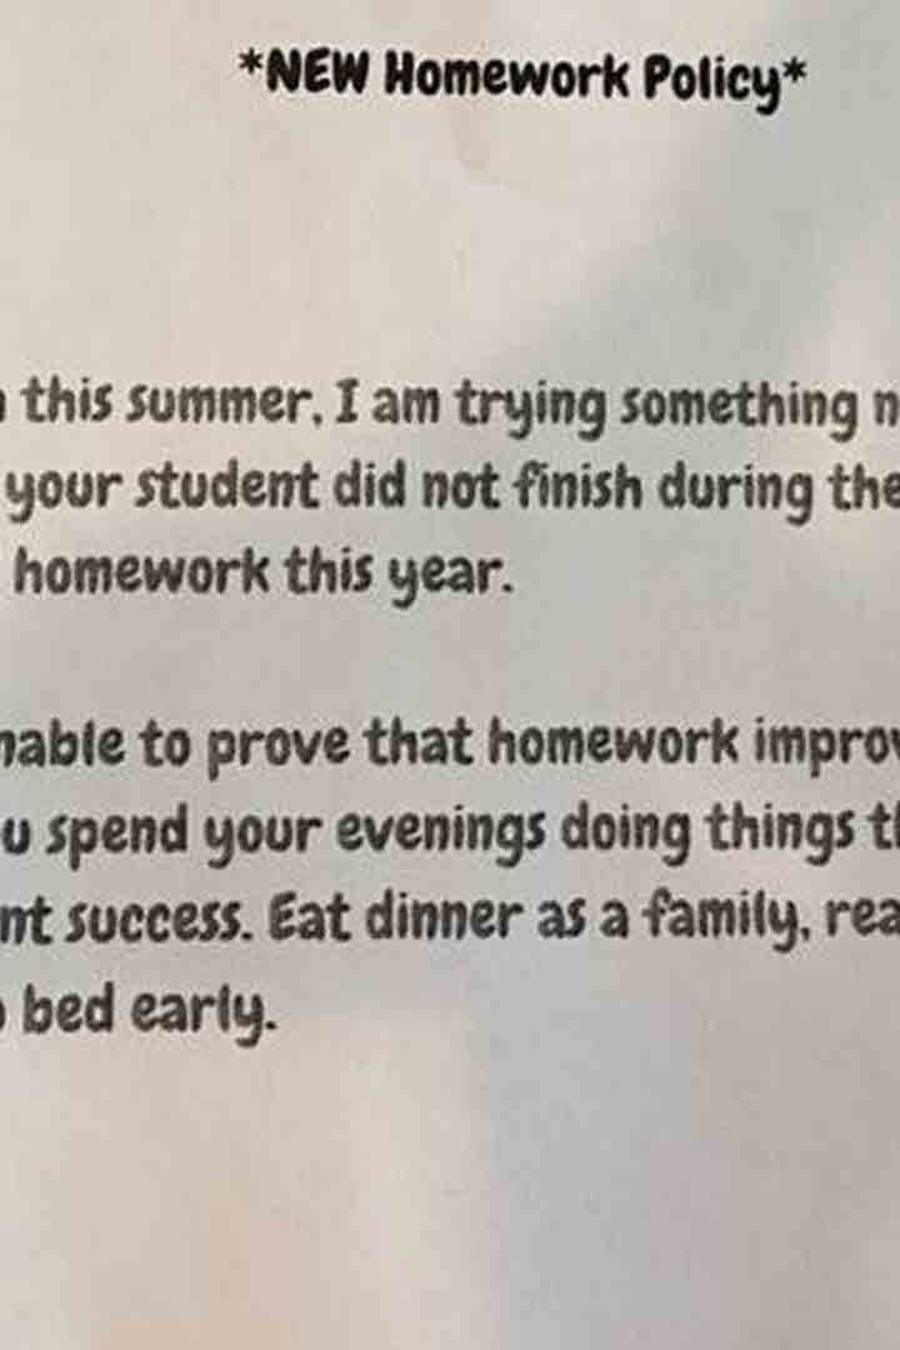 Una maestra de Texas informó que sus alumnos no tendrán tareas en casa